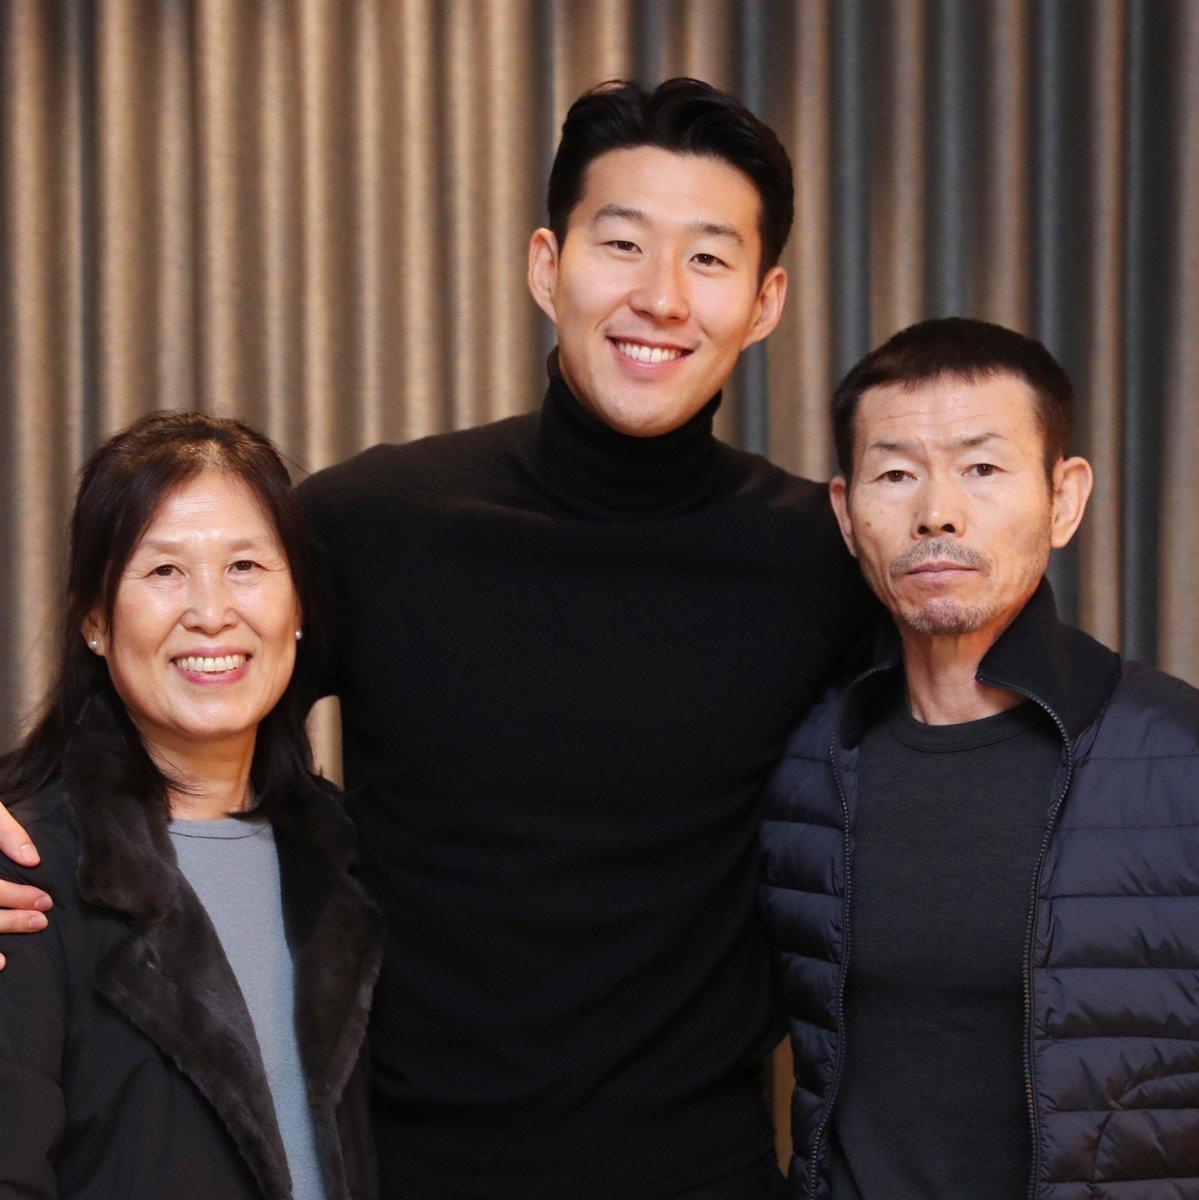 Heung-Min Mum, Heung-Min Son, Heung-Min Dad. #THFC ⚪️ #COYS